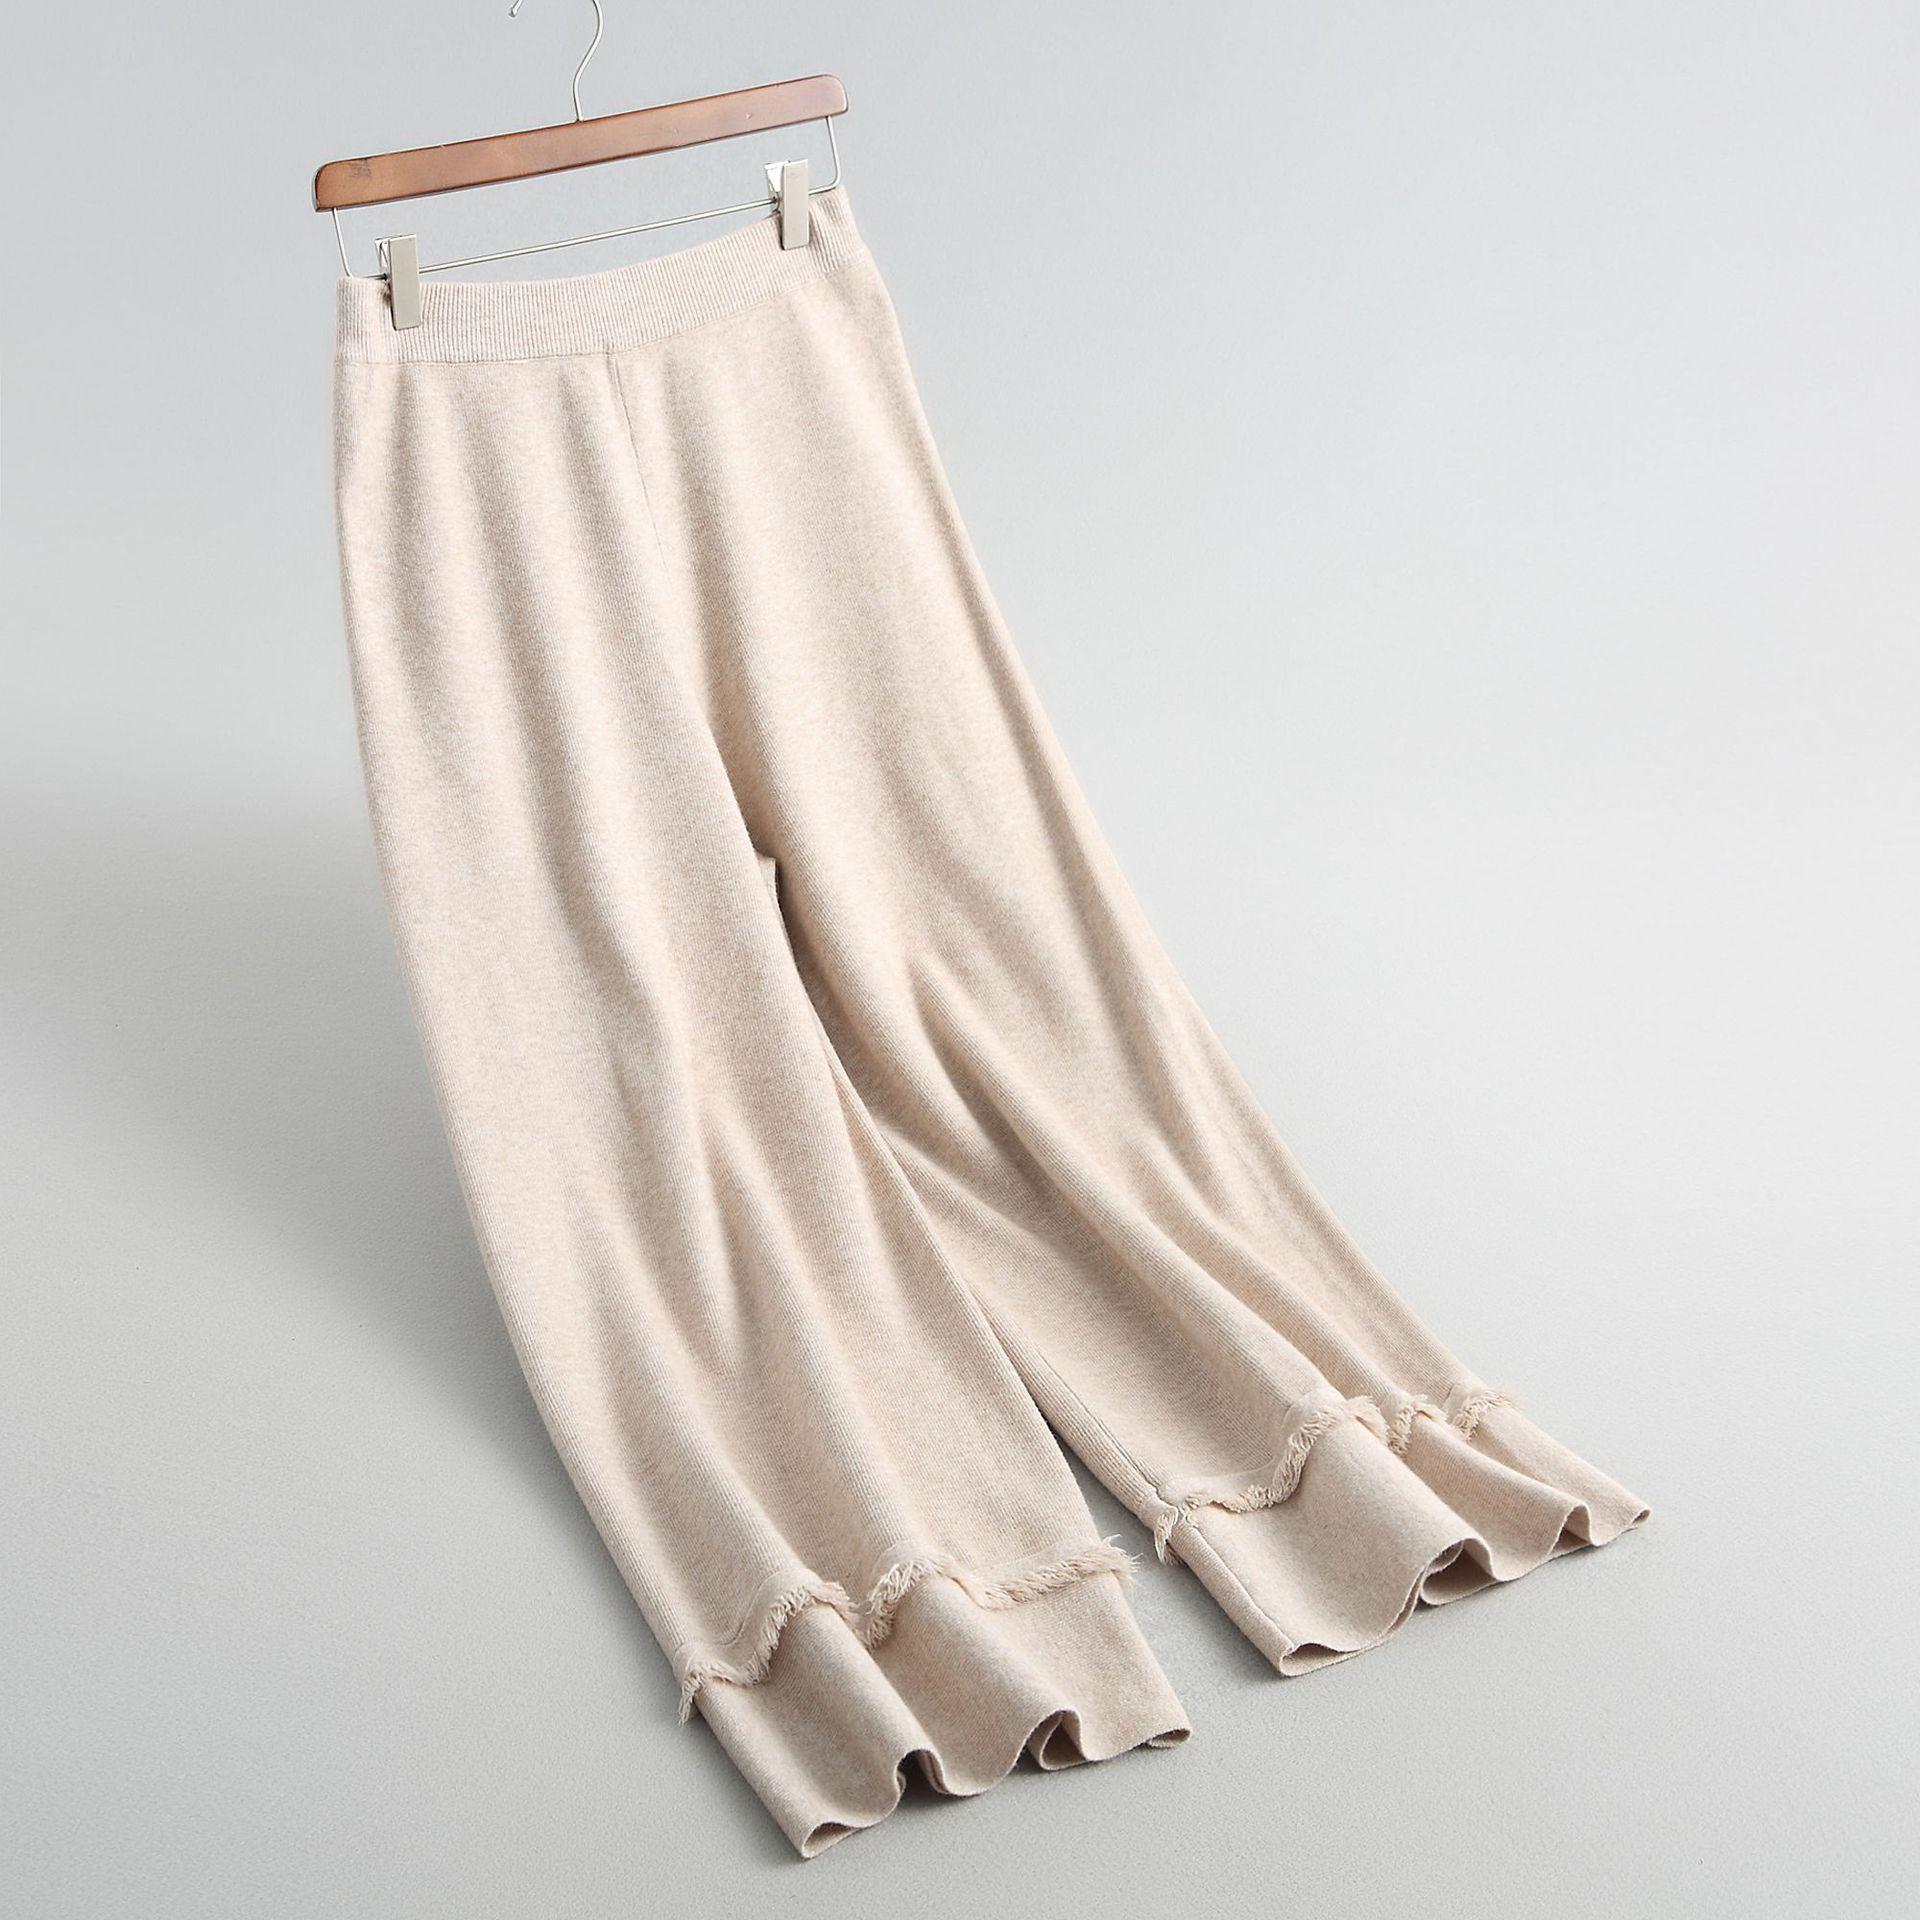 Nuevo coral De gris Del Knitting Beige Moda Mujeres Borla Pierna amarillo Mucho Ancha Inviernos negro 2018 Anchos Pantalones Fondo Punto Otoño Rojo XwURnq